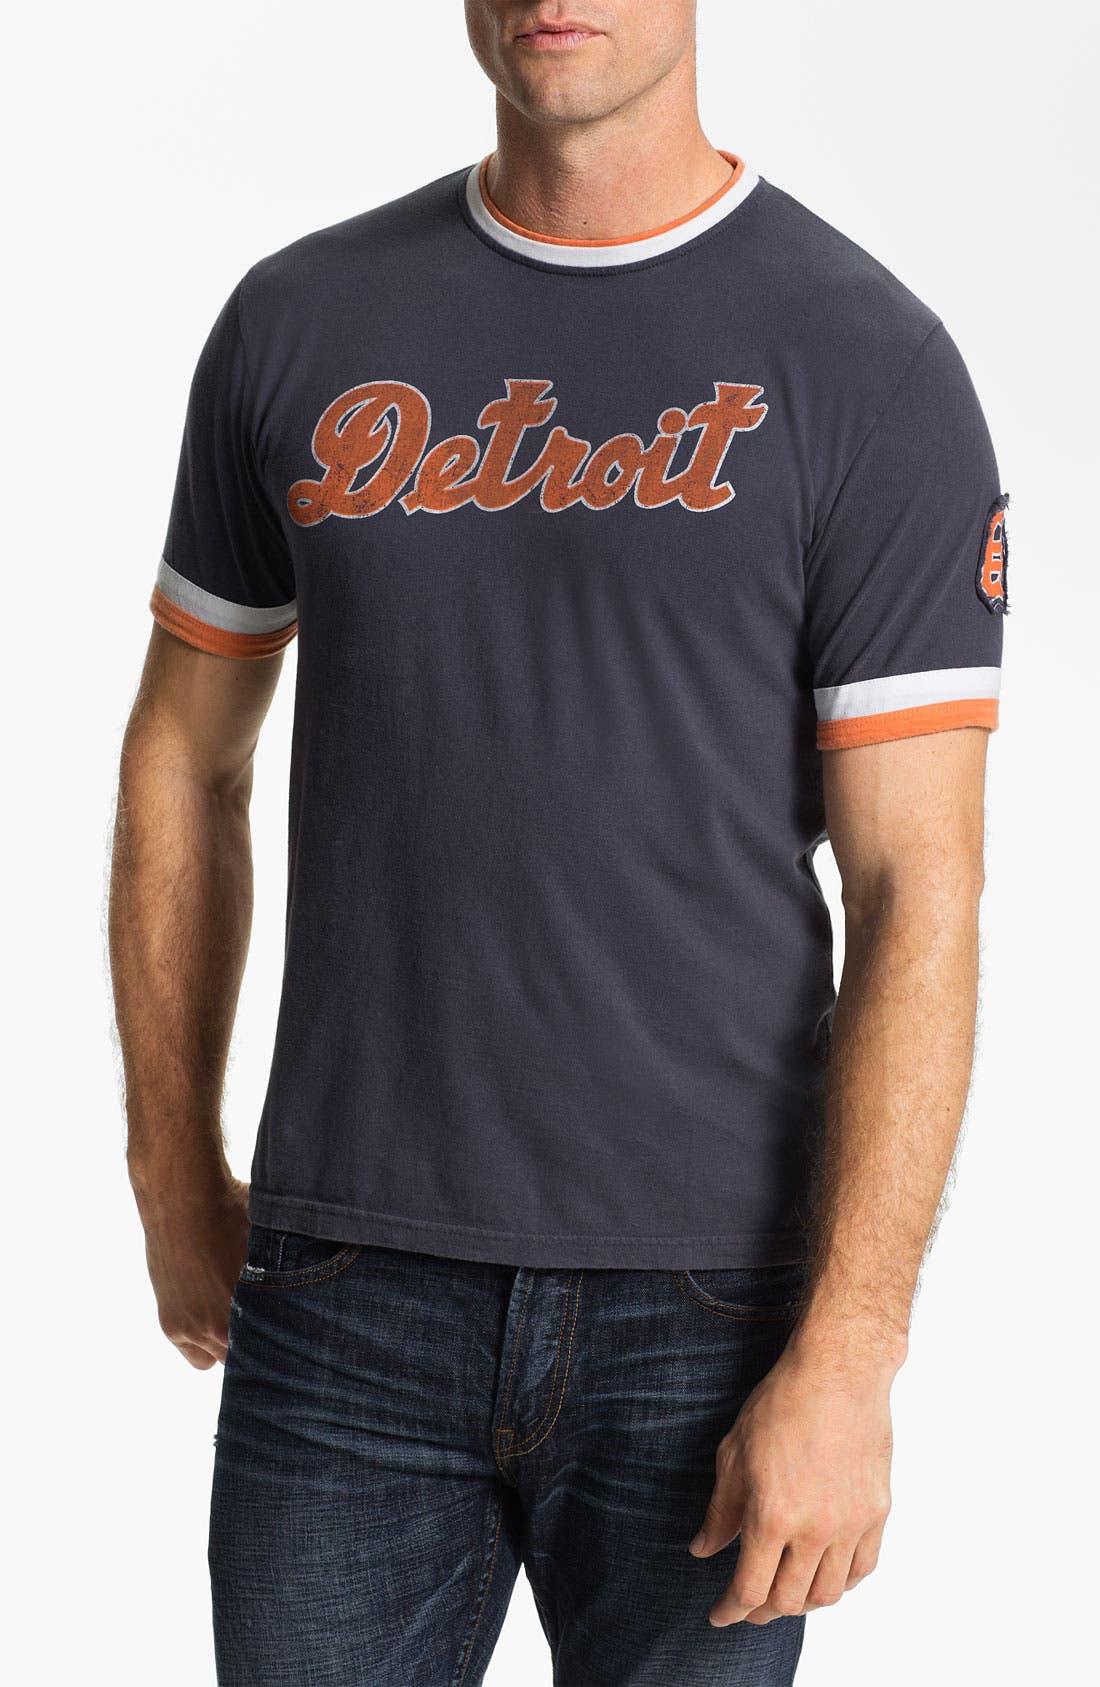 Alternate Image 1 Selected - Red Jacket 'Detroit Tigers' Trim Fit Ringer T-Shirt (Men)